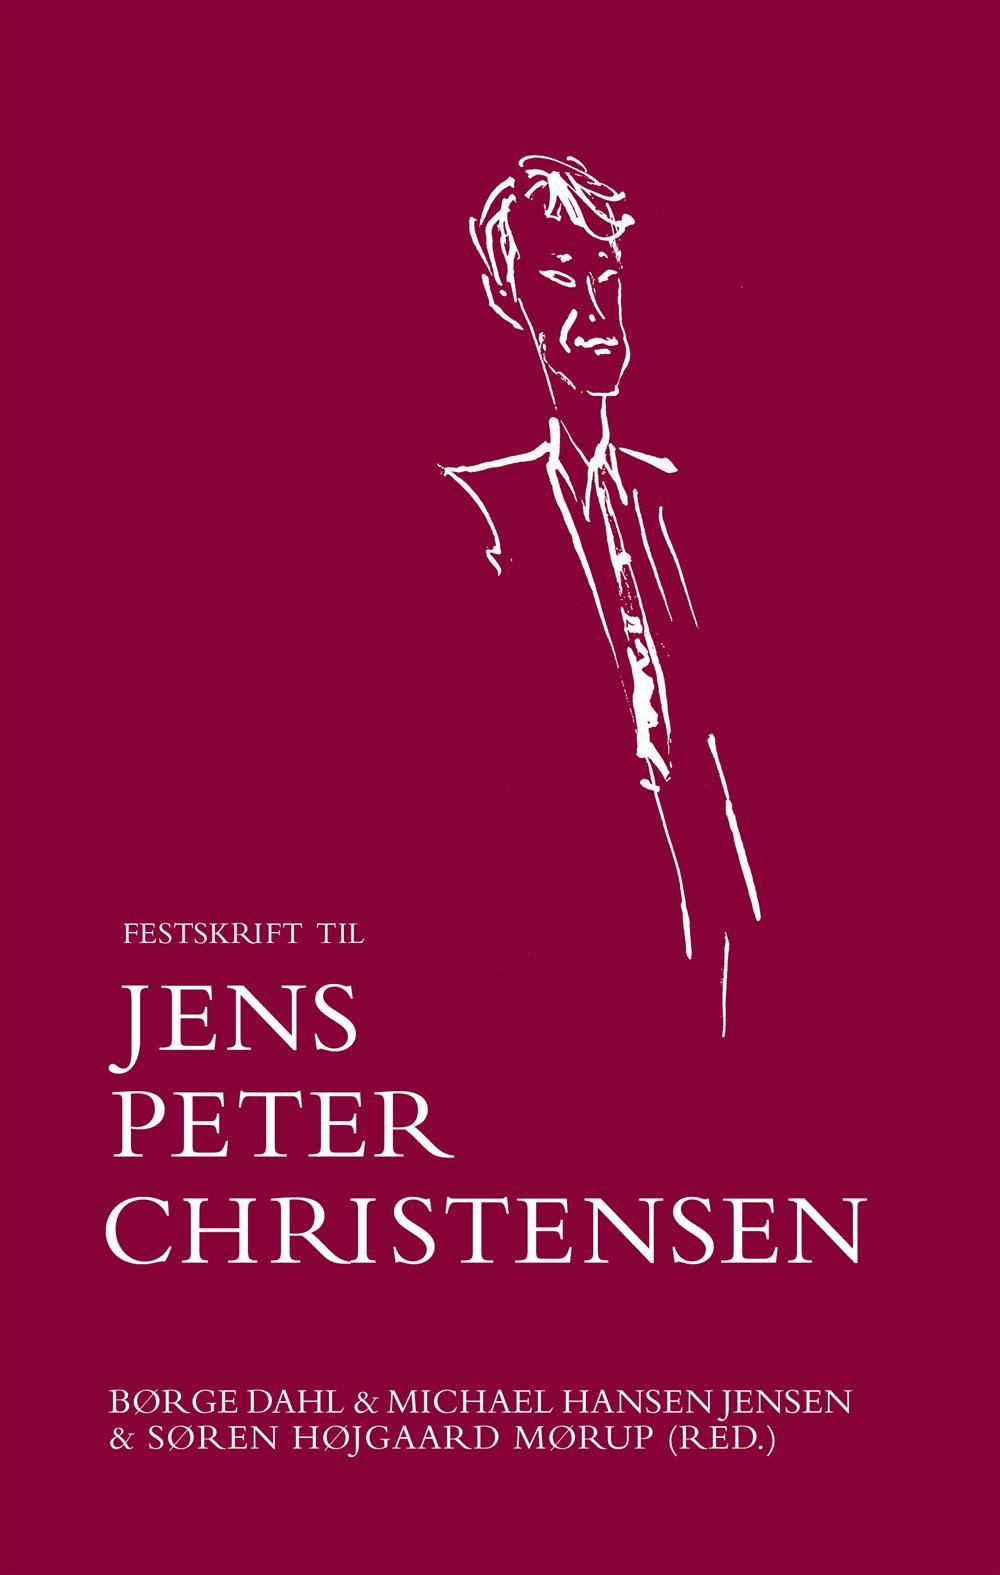 Festskrift til Jens Peter Christensen - Michael Hansen Jensen (red.), Søren Højgaard Mørup (red.) & Børge Dahl (red.) - Bøger - Djøf Forlag - 9788757435443 - October 28, 2016